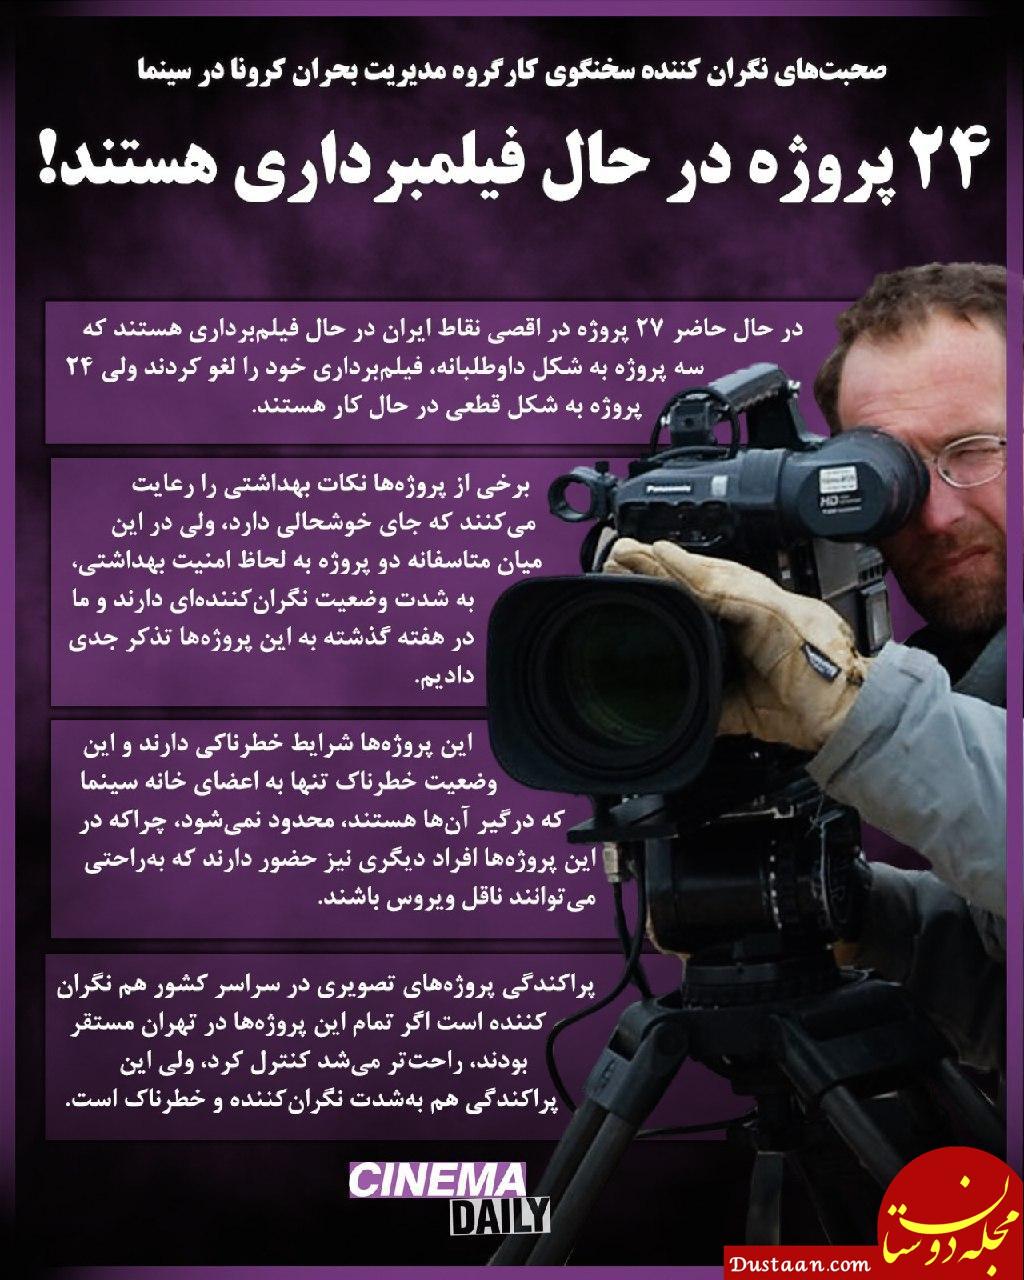 صحبت های نگران کننده سخنگوی کارگروه مدیریت بحران کرونا در سینما